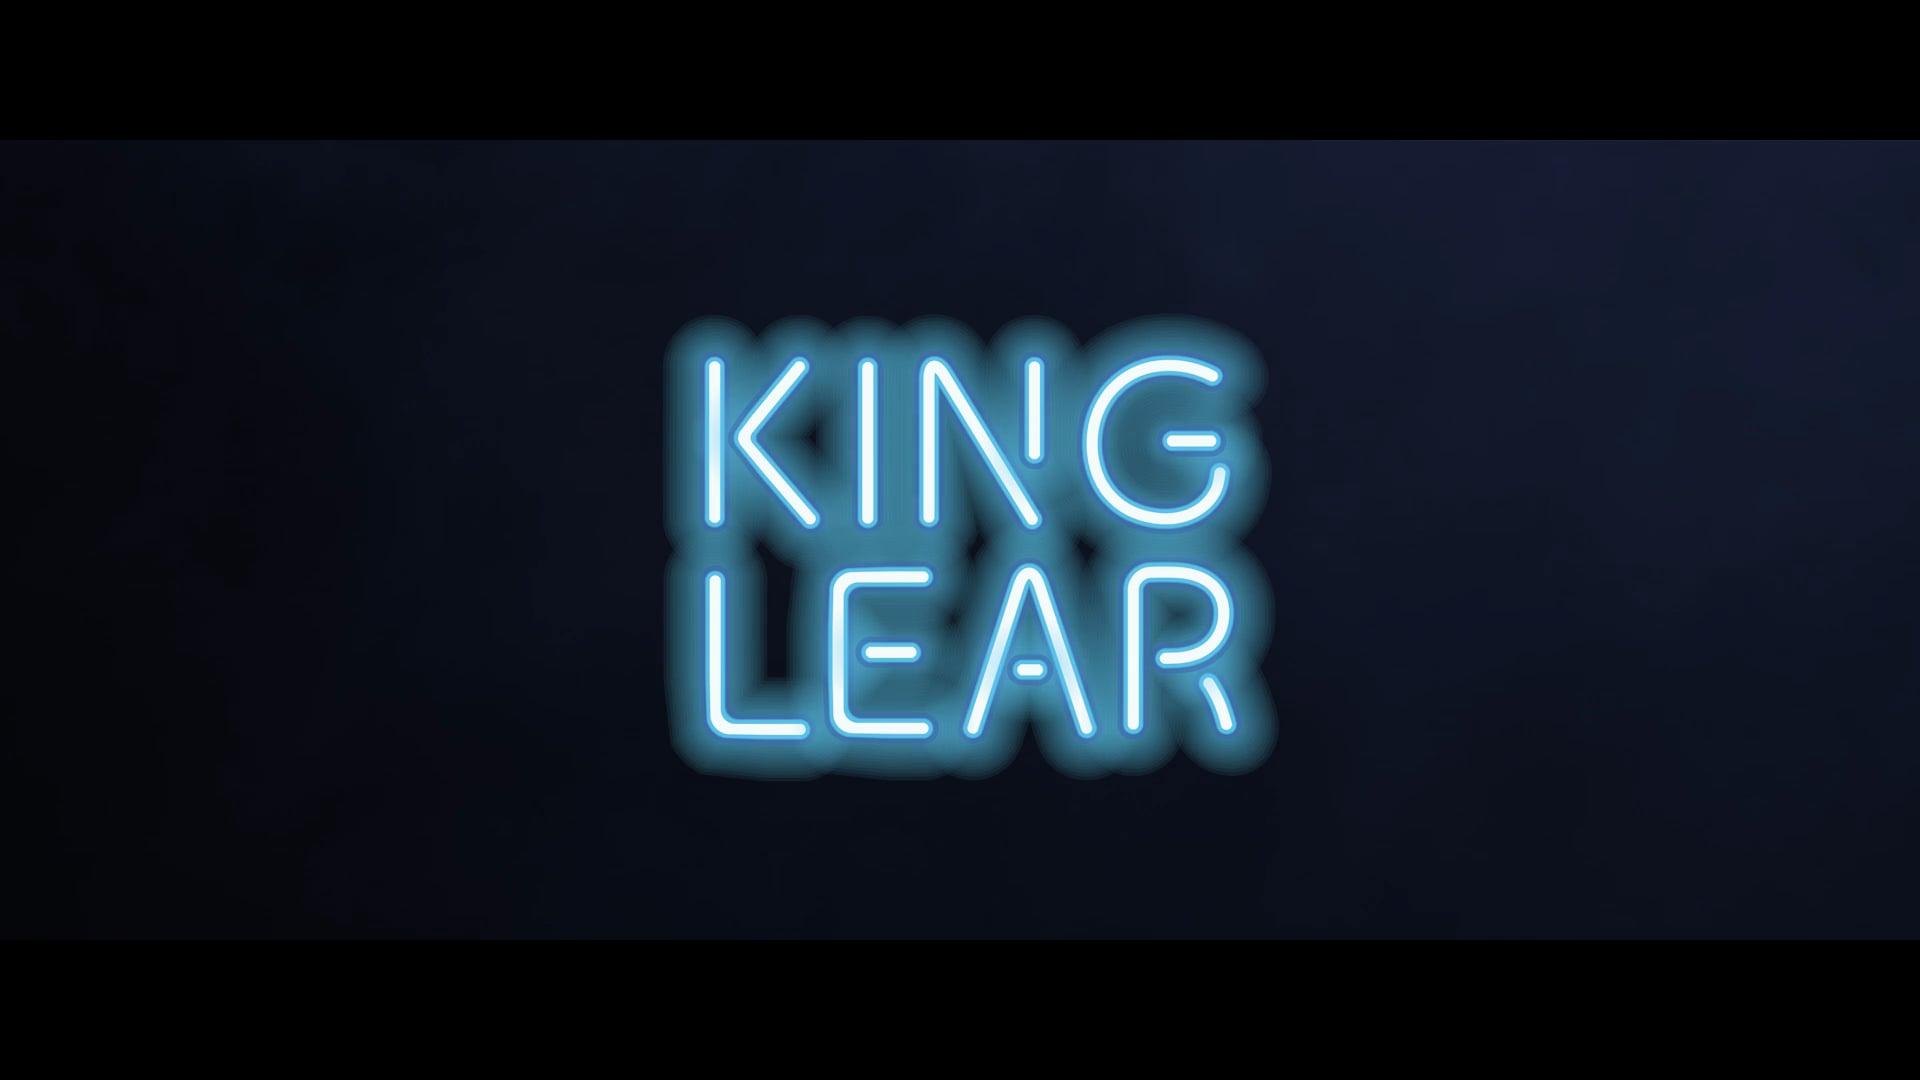 LEAR TEASER FINAL HQ